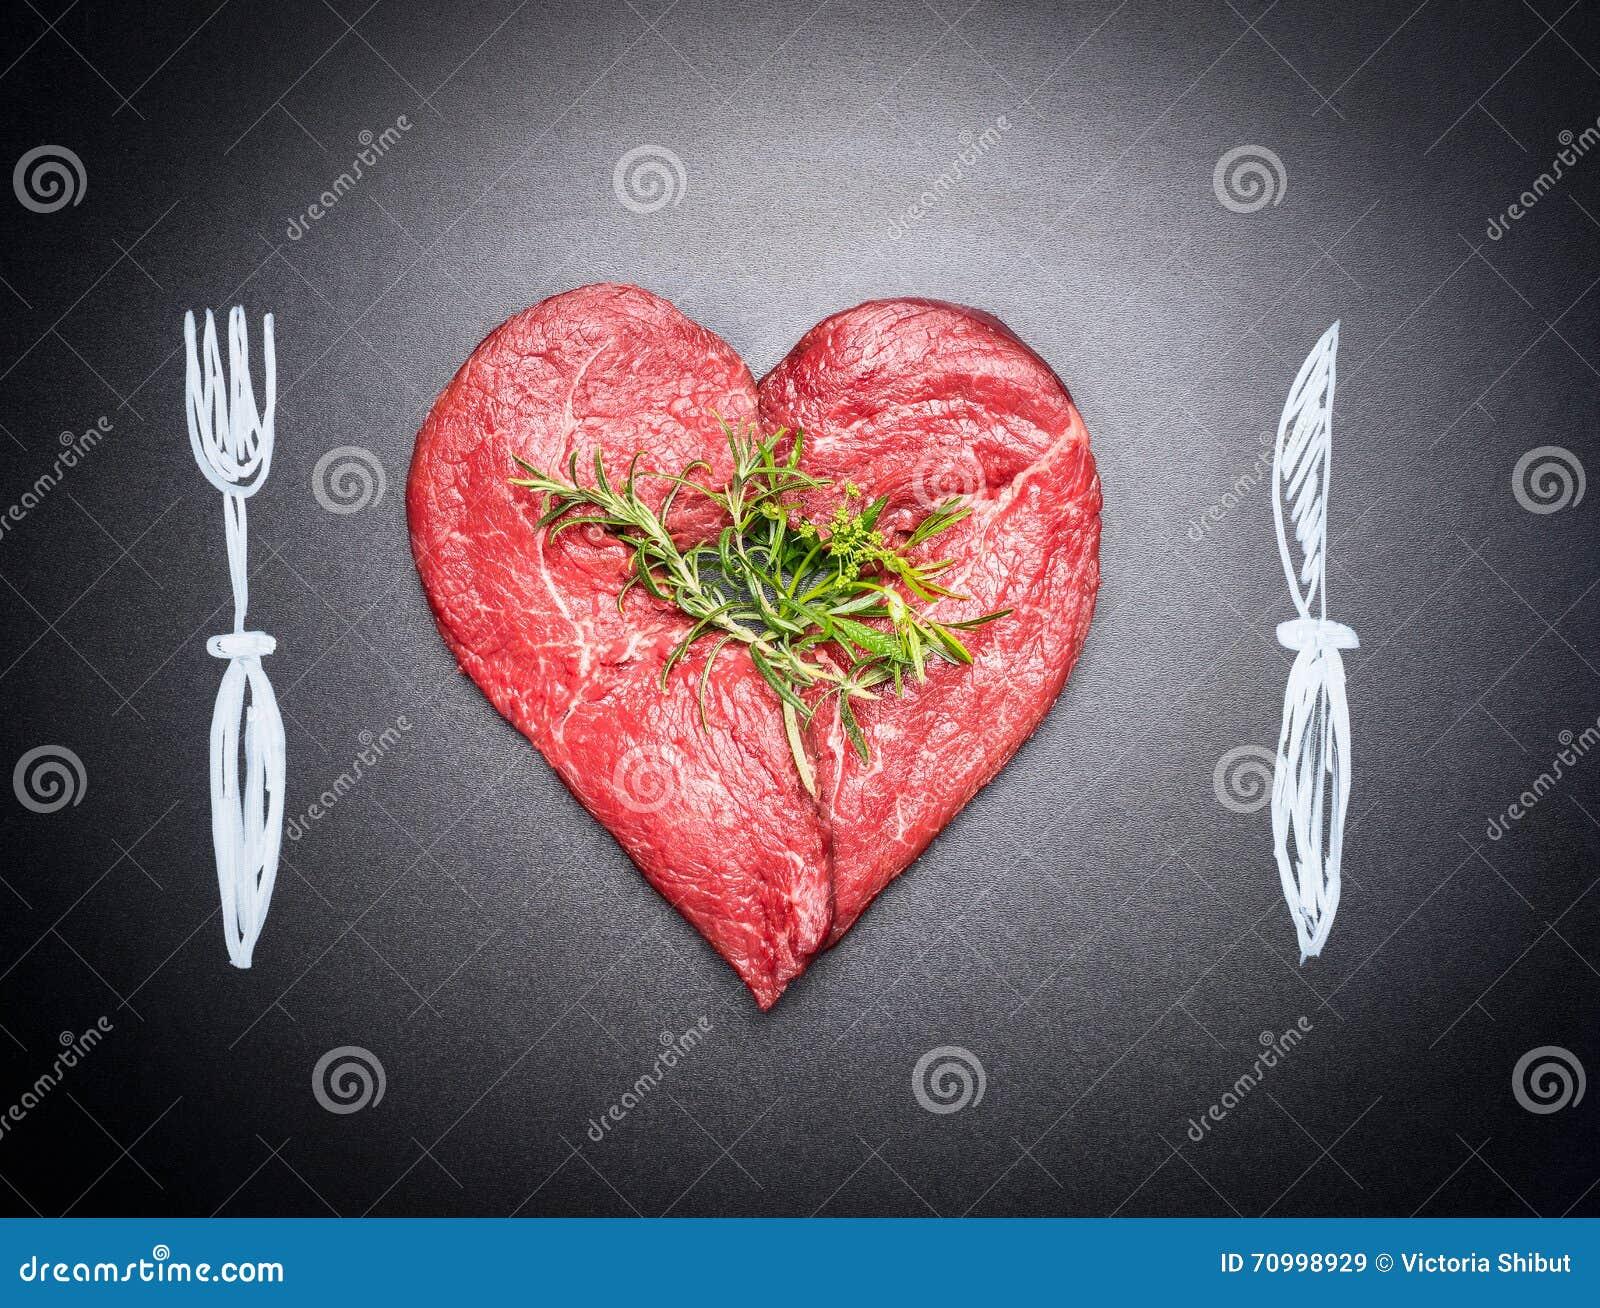 Η καρδιά διαμόρφωσε την ακατέργαστη μπριζόλα του κρέατος Αγάπη κρέατος με τα χρωματισμένα μαχαιροπήρουνα: δίκρανο και μαχαίρι Σκο